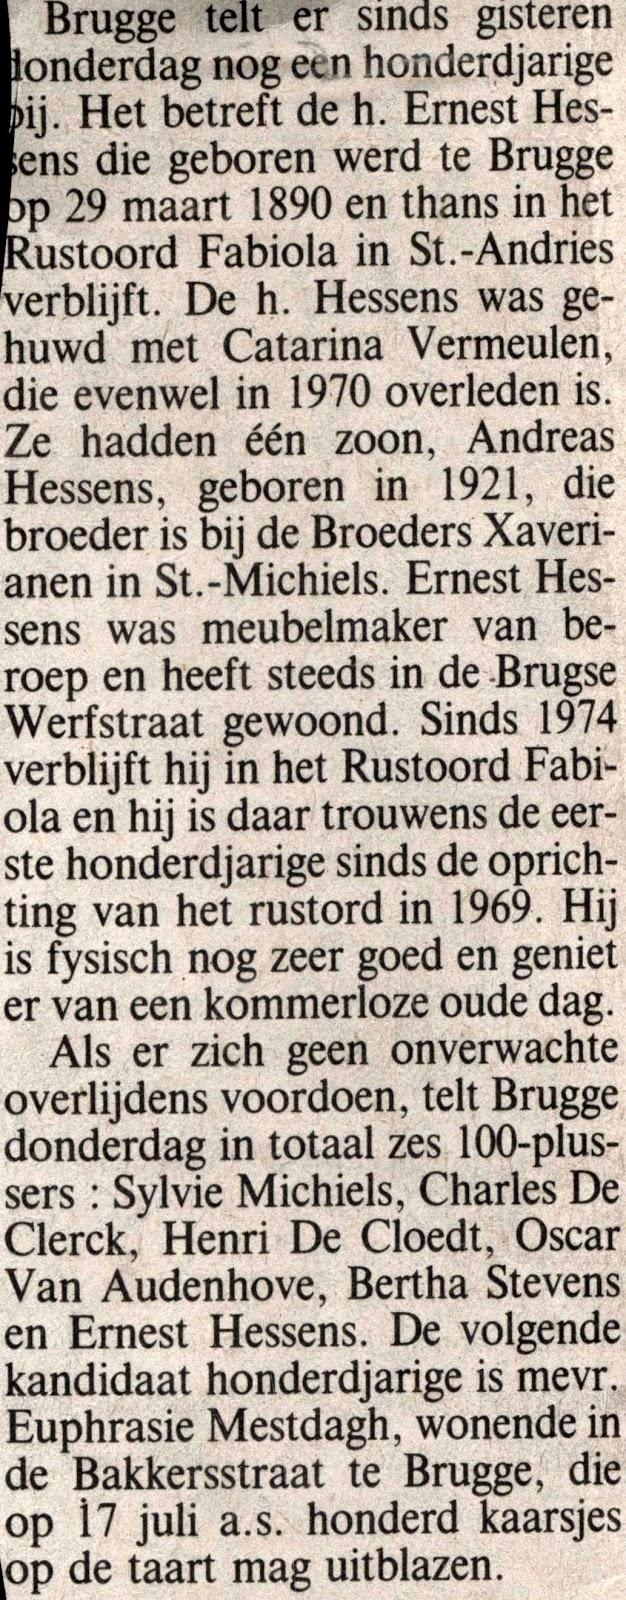 Artikel uit het Brugsch Handelsblad van april 1991, toen Ernest als honderdjarige werd gevierd.